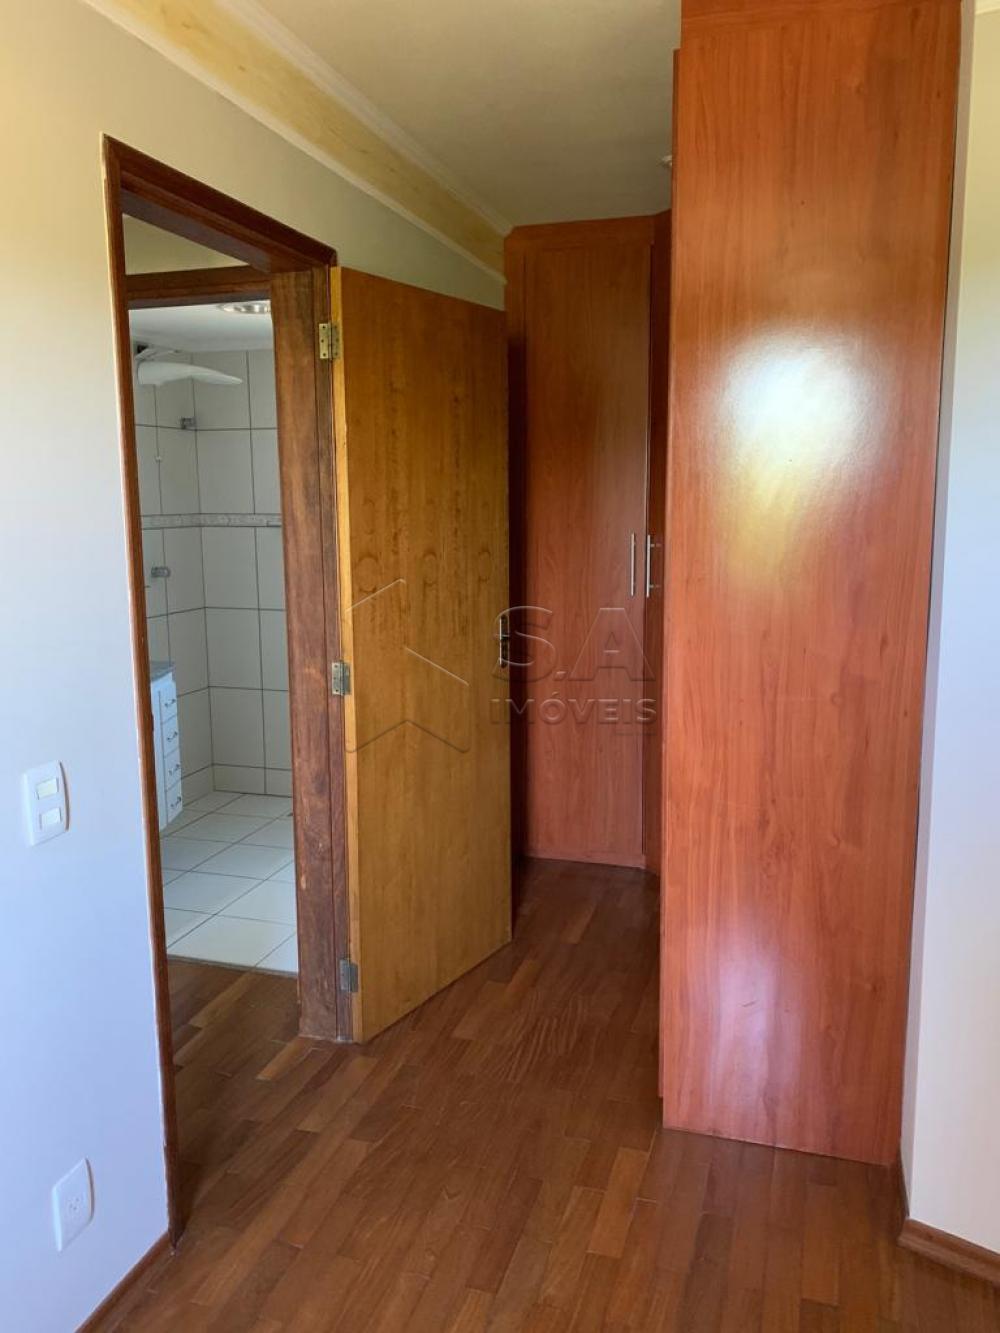 Comprar Apartamento / Padrão em São Carlos apenas R$ 300.000,00 - Foto 8